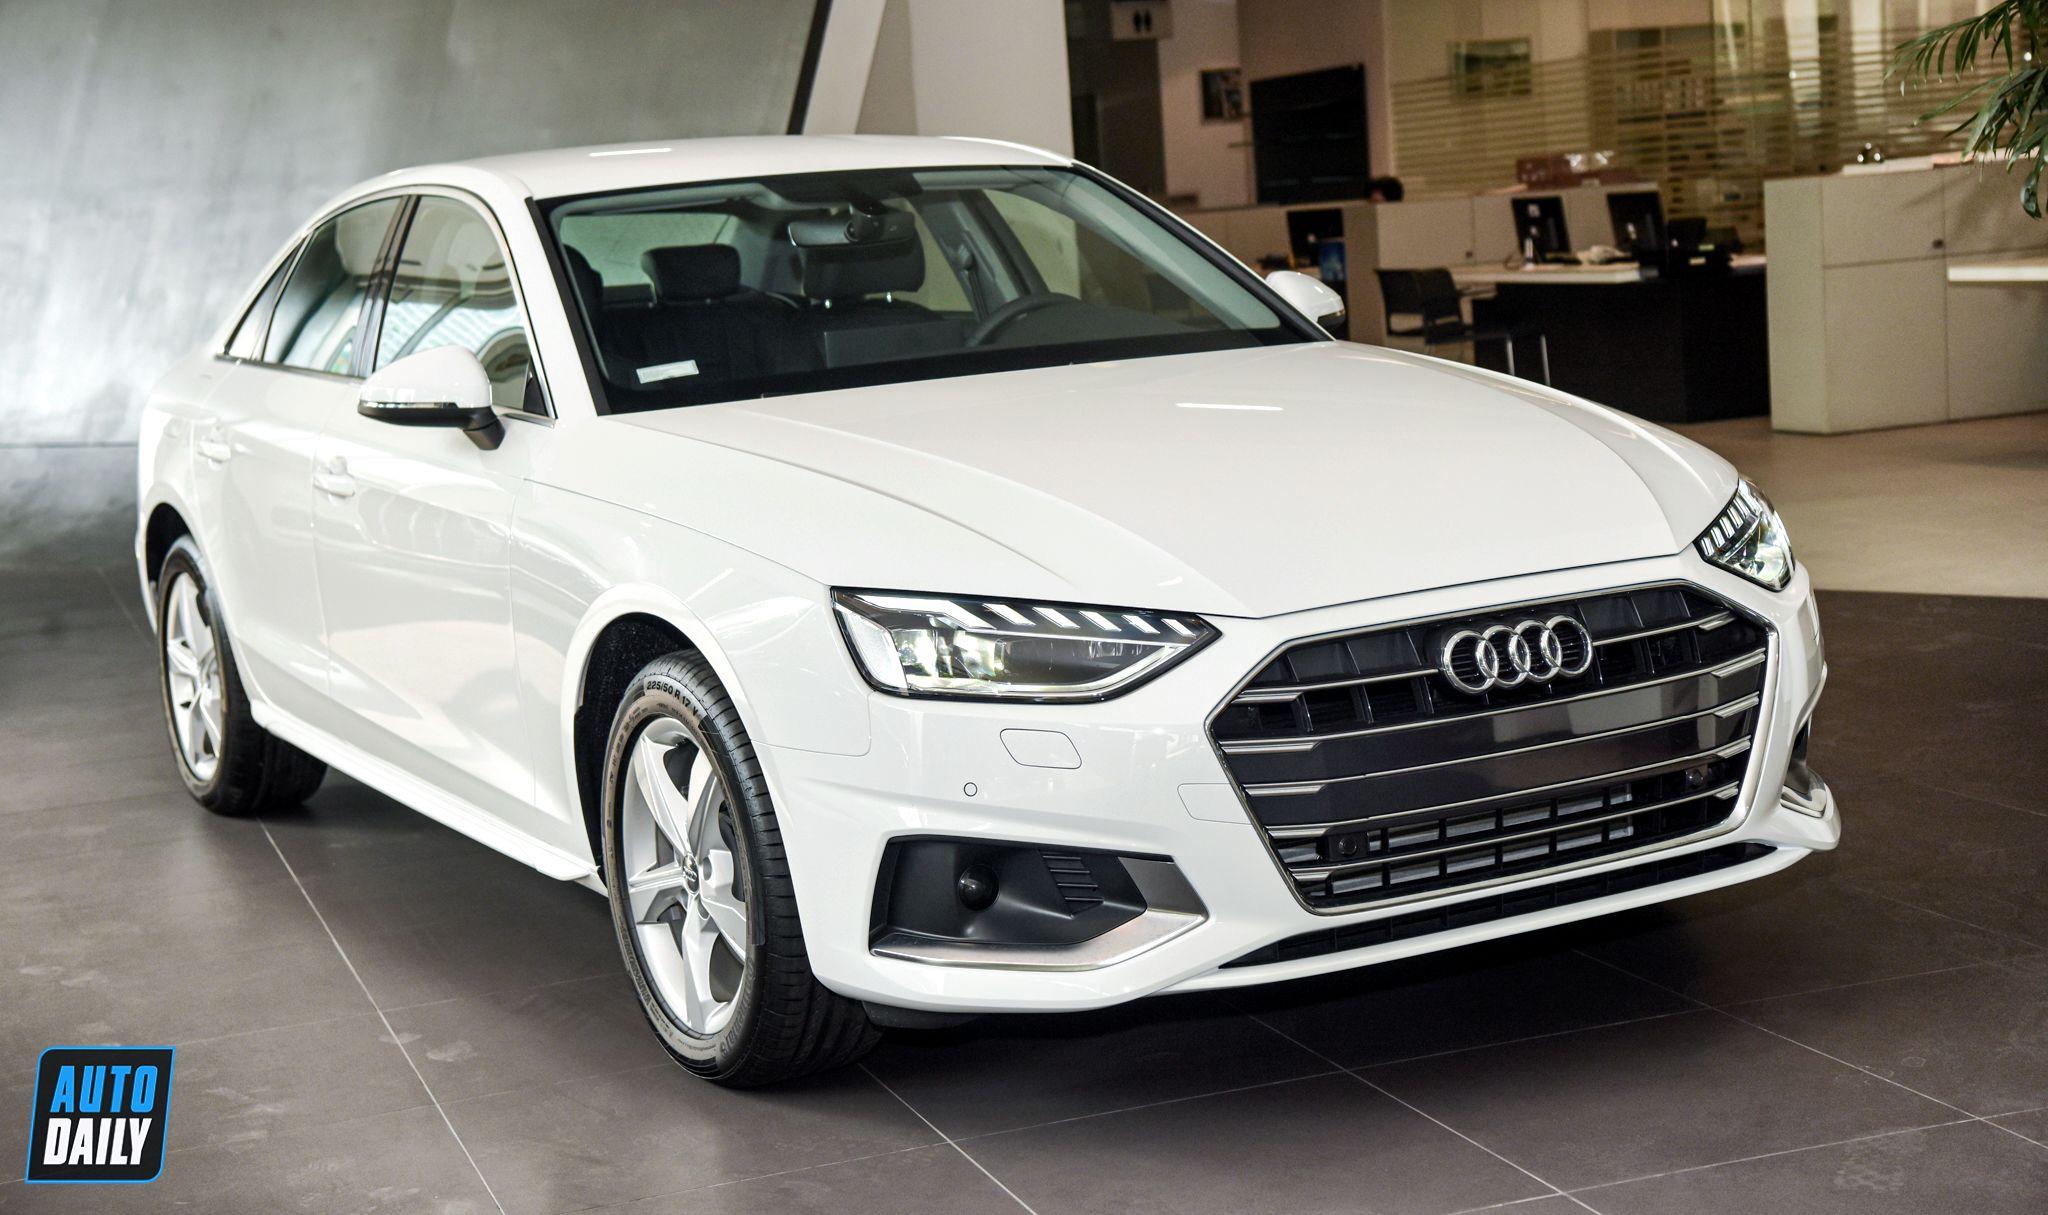 Audi Việt Nam Hỗ Trợ 50 Phi Trước Bạ Cho Audi A4 Va Audi Q5